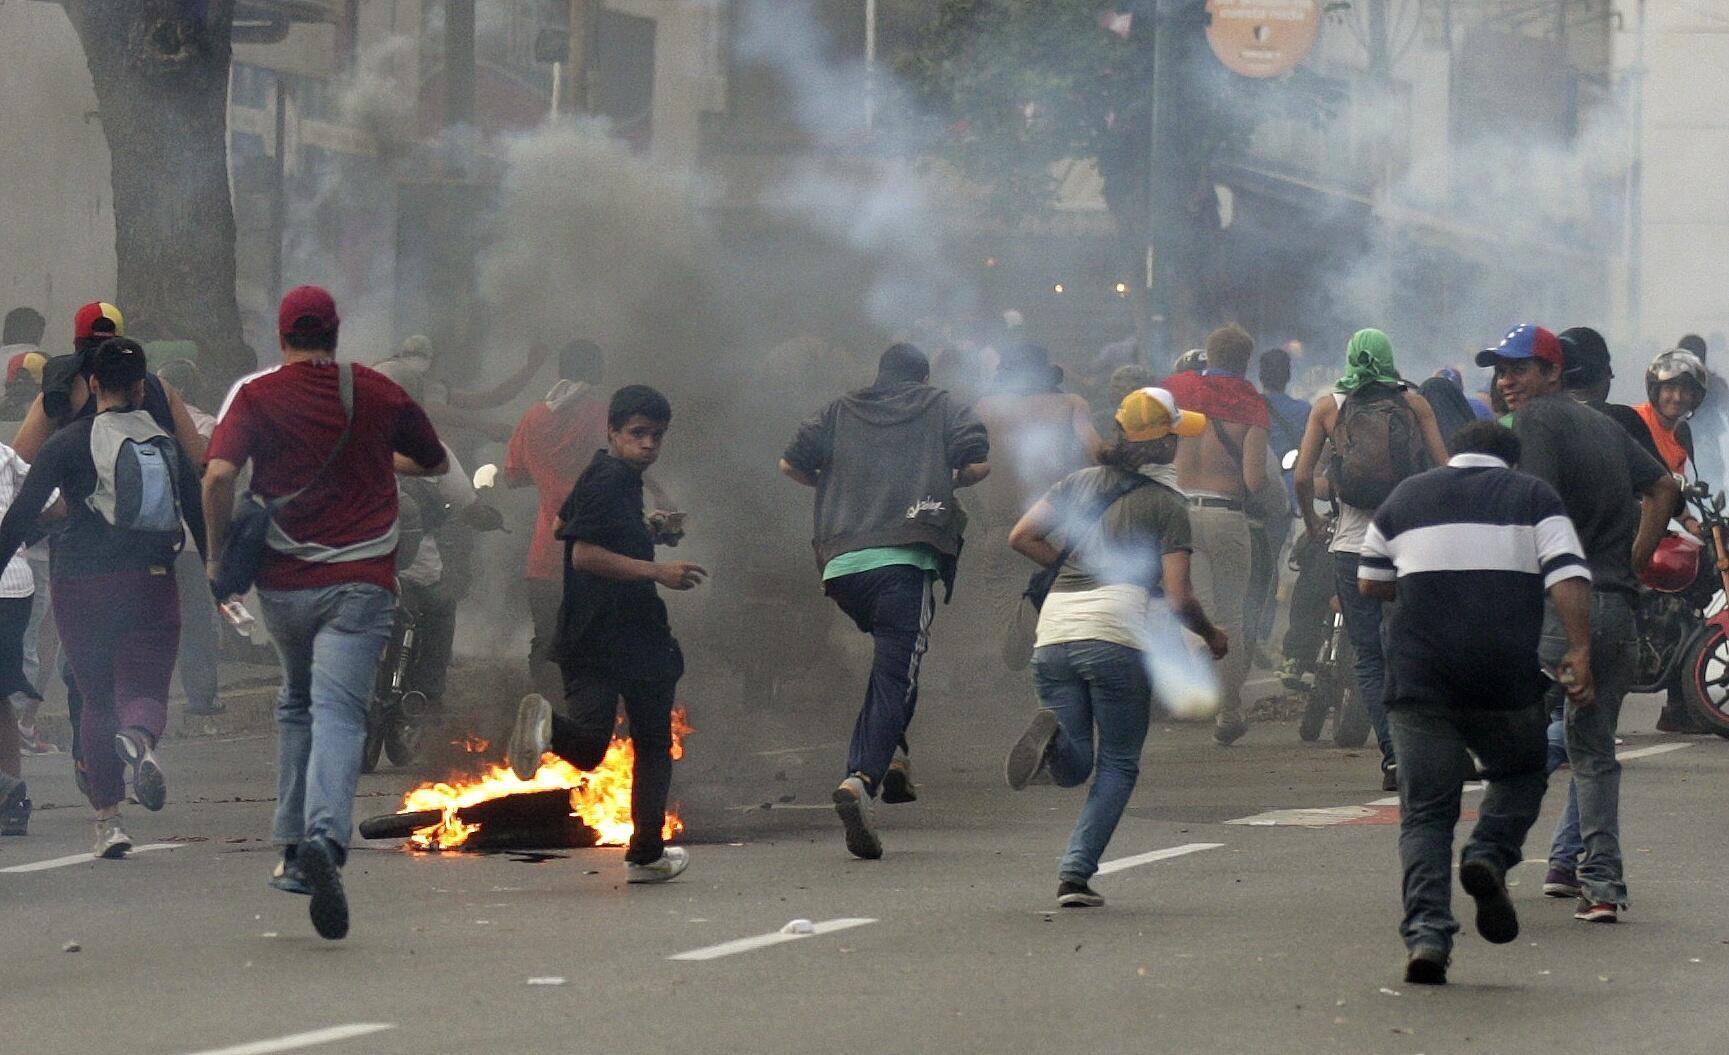 Les partisans d'Henrique Capriles dispersés à coup de gaz lacrymogène par la police, à Caracas, le 16 avril 2013.